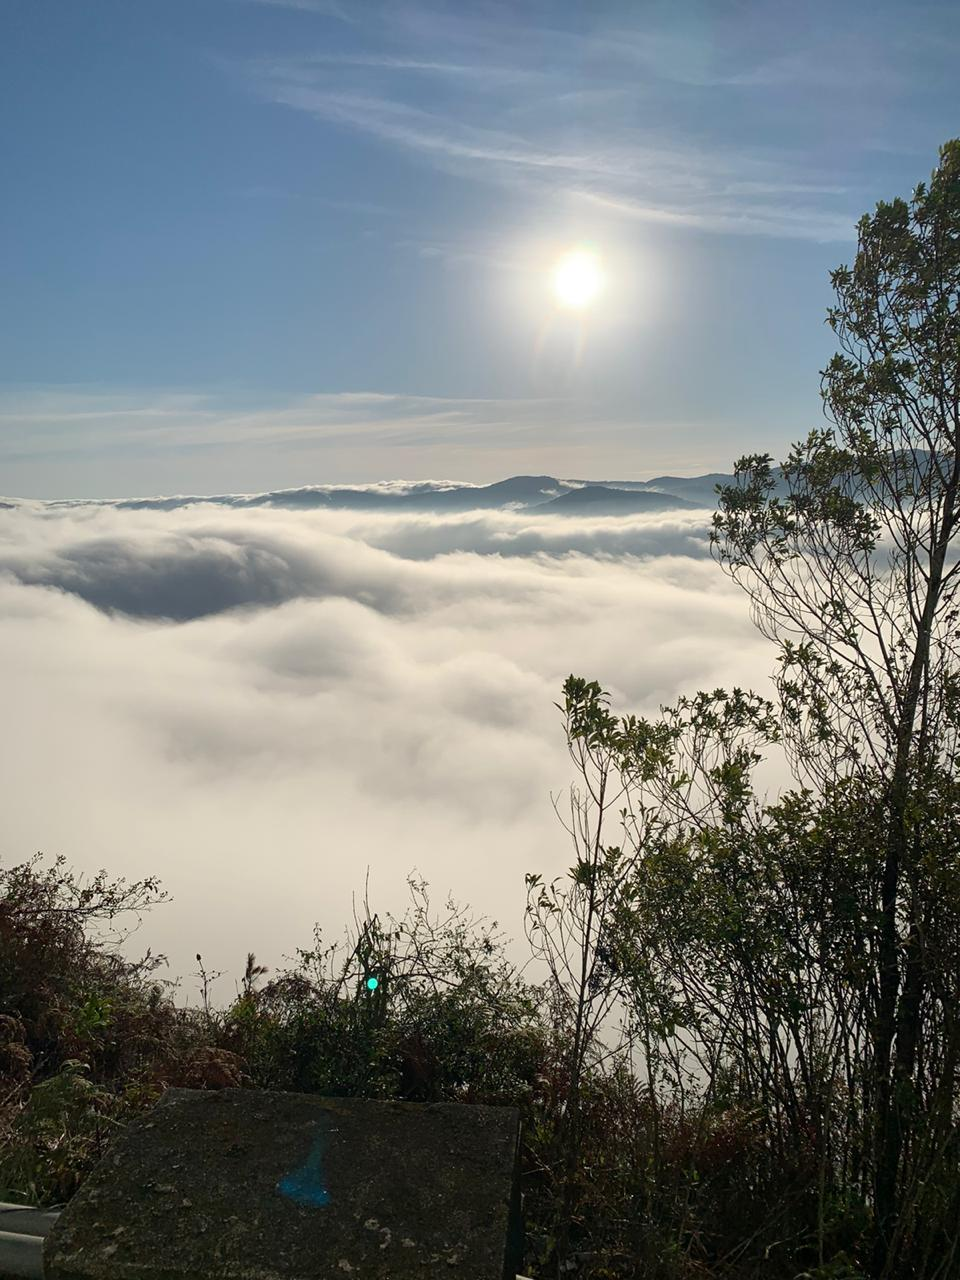 Nevoeiros tomaram conta da paisagem ao amanhecer desta sexta-feira (12). Apesar de ser um fenômeno natural comum nesta época do ano, surpreendeu os espectadores logo pela manhã. - Cristian Wilson/ND